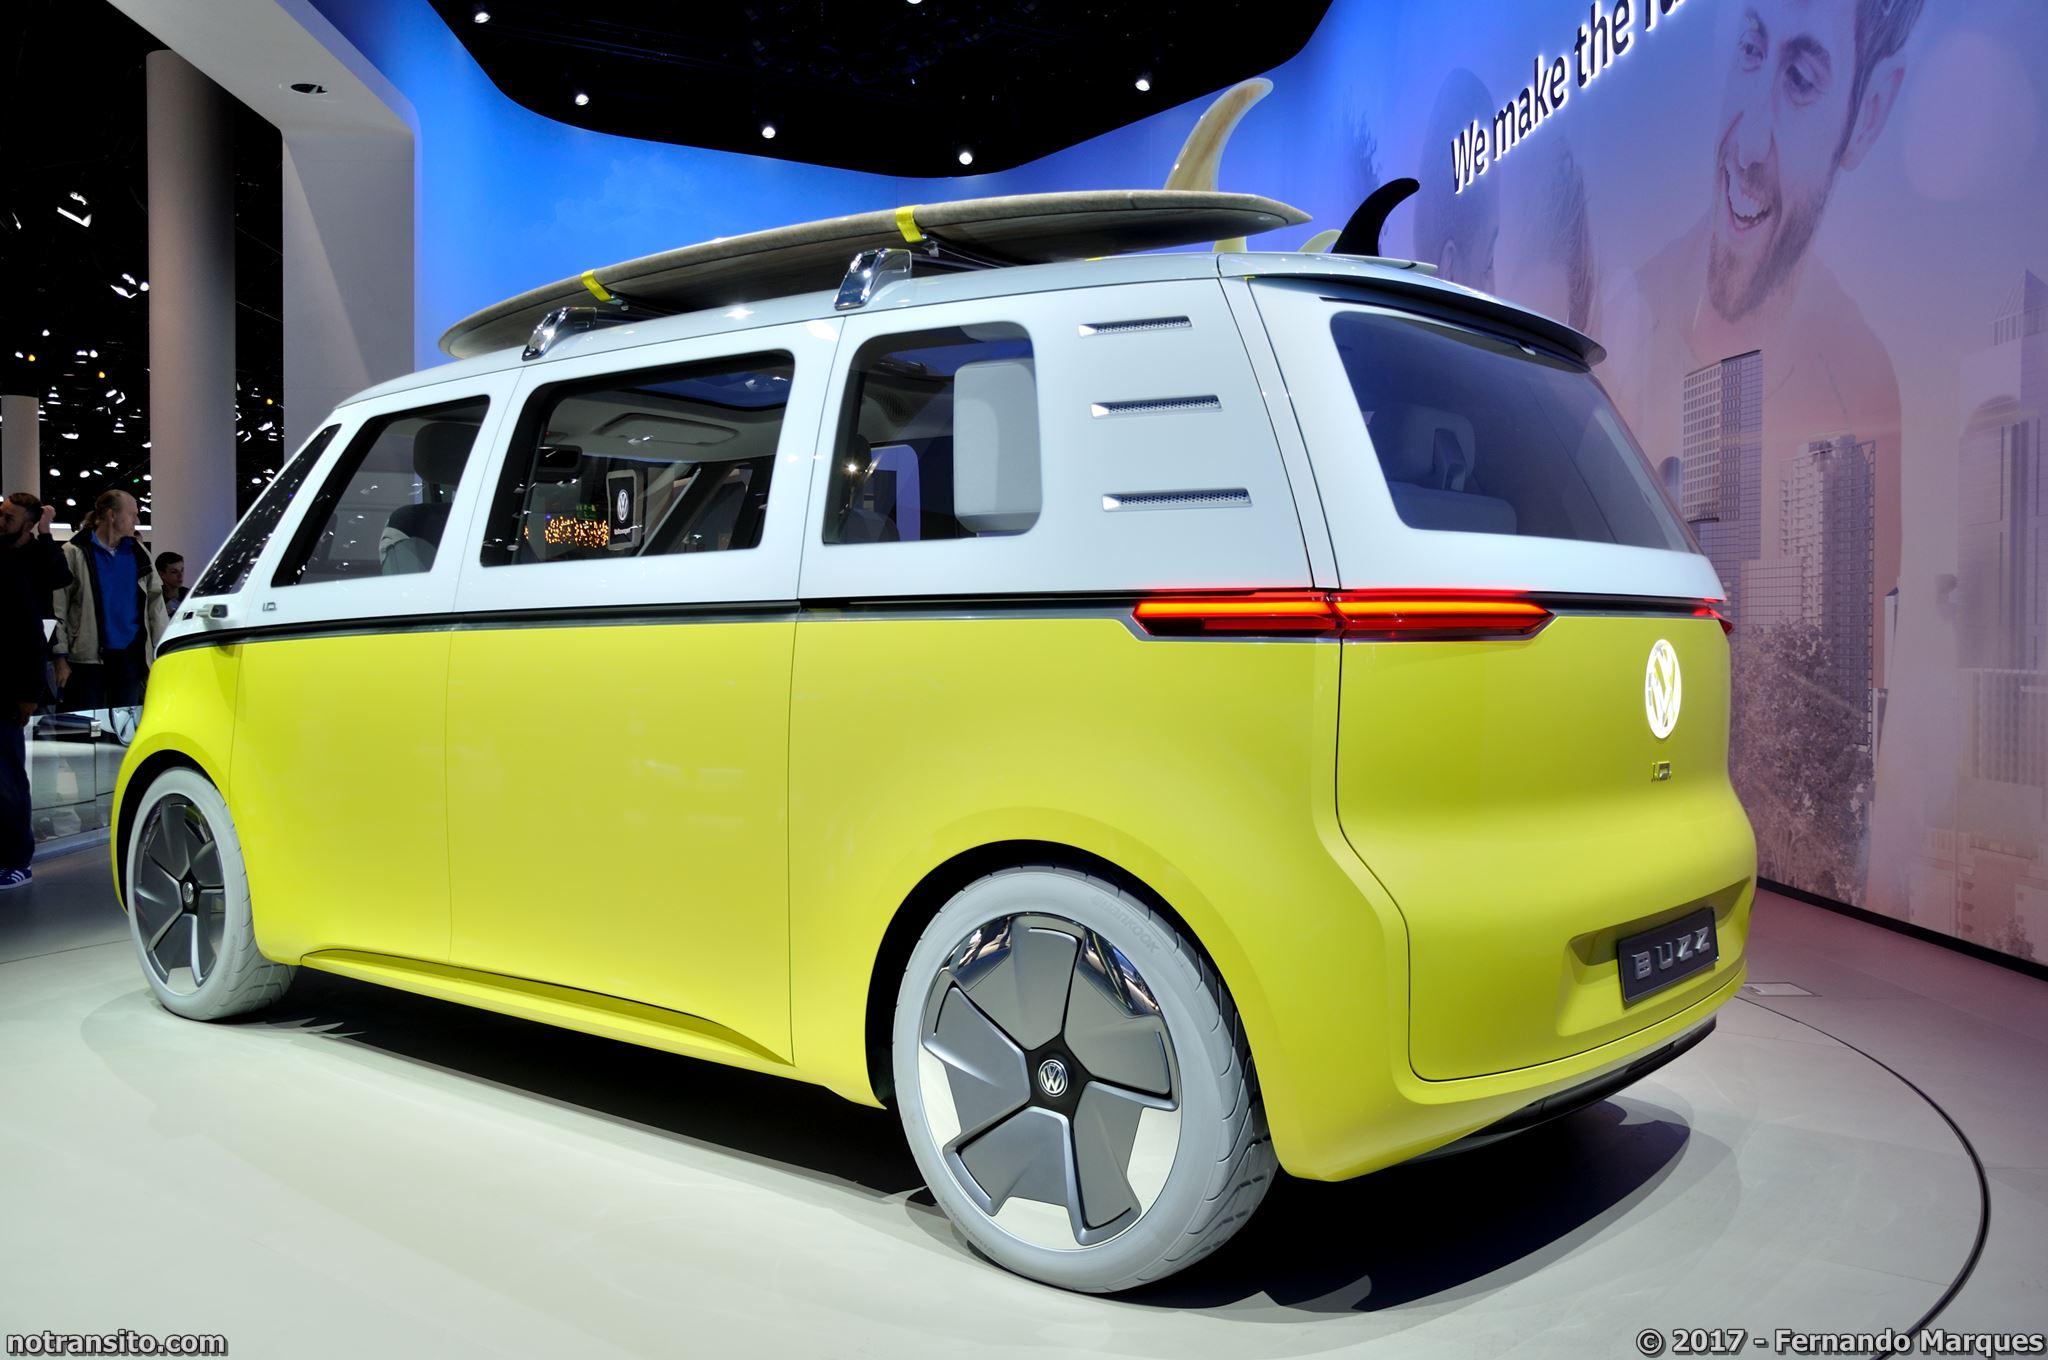 Conceitos-Volkswagen-Salao-de-Frankfurt-2017-009